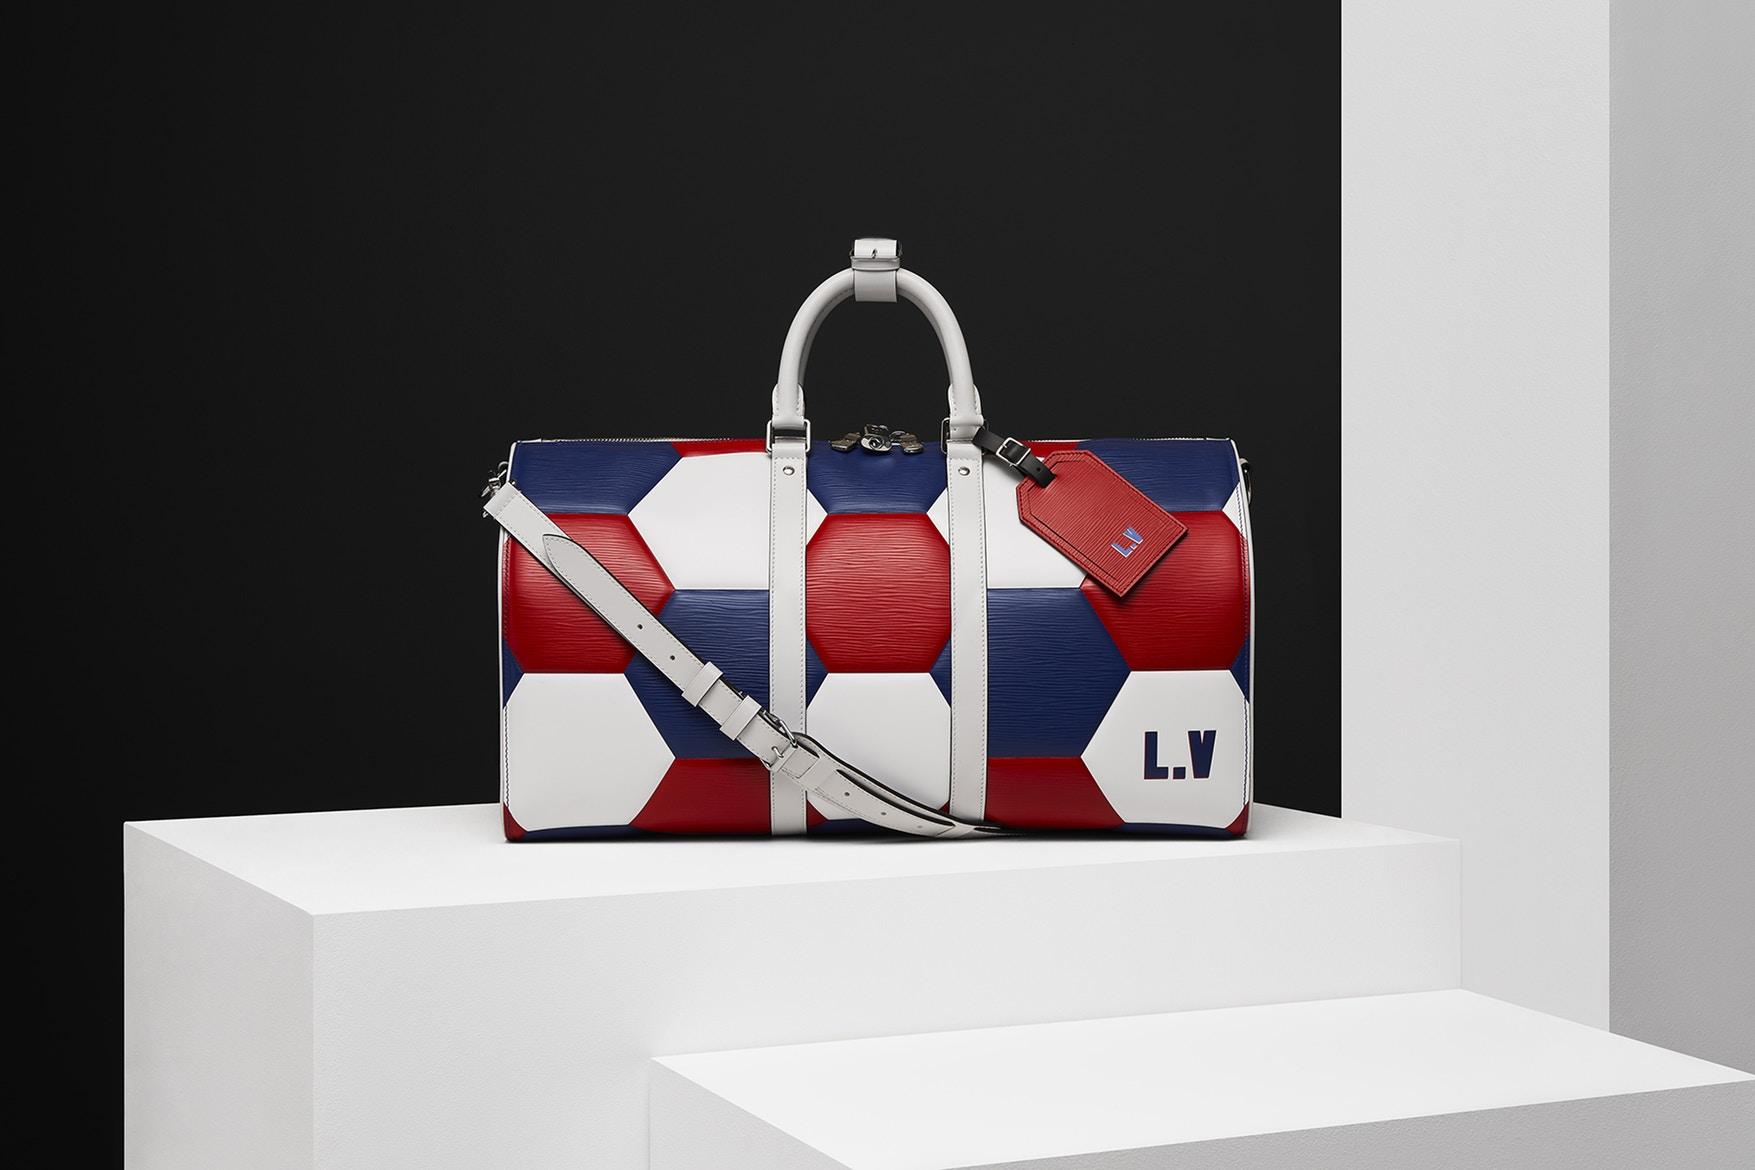 86795524860e3 Kolekcja będzie dostępna od 15 czerwca w wybranych salonach Louis Vuitton  oraz online.